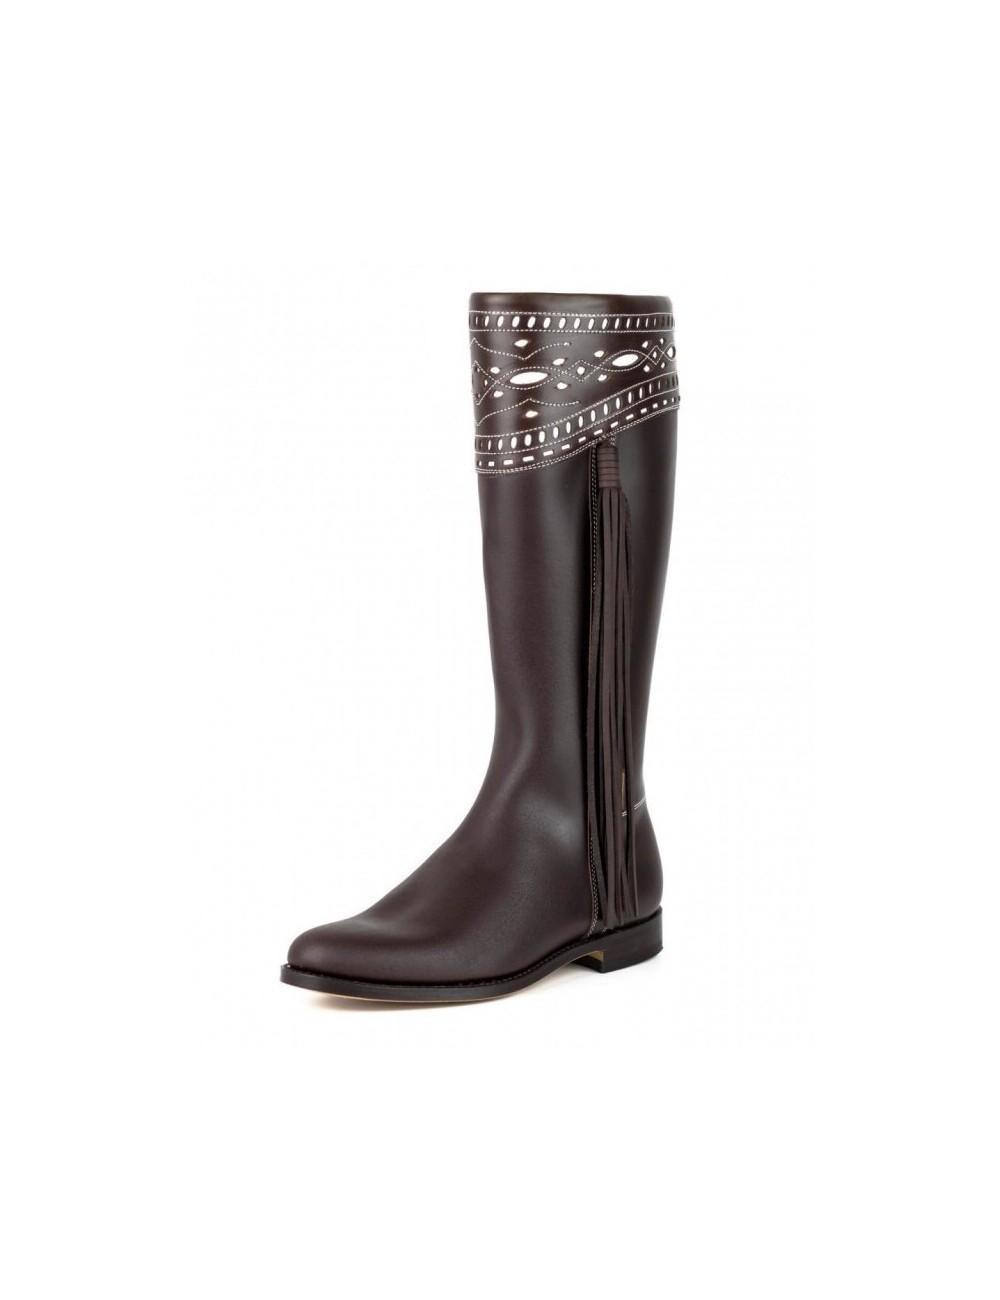 cuir marron Bottes cavalières espagnoles femme DH29WIYeEb